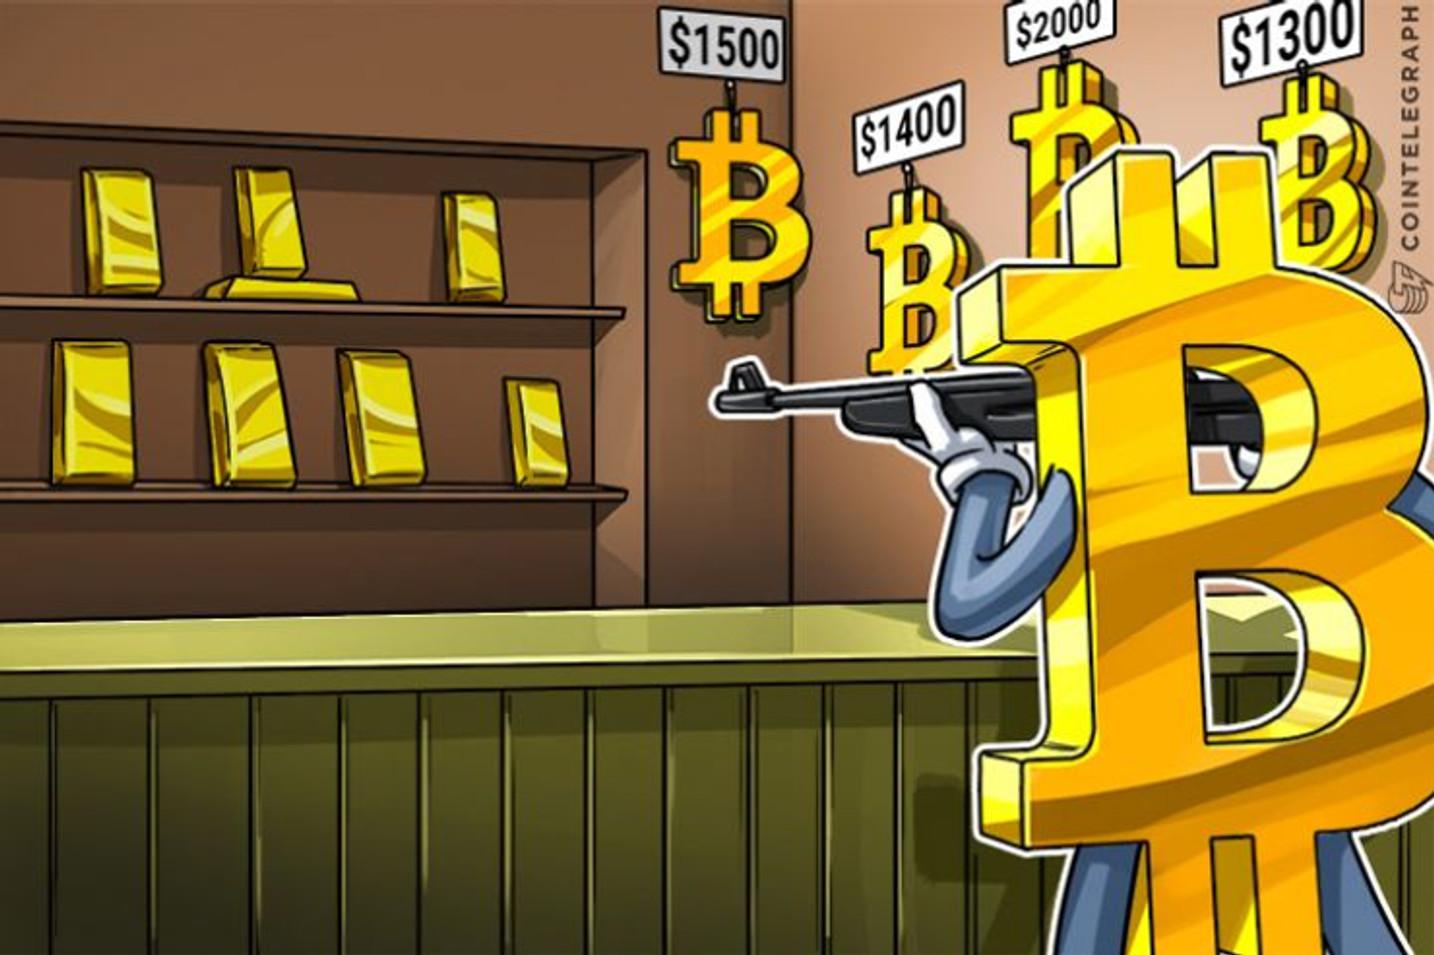 Liquidações de contratos na BitMEX totalizam US$ 20 bilhões em 2019